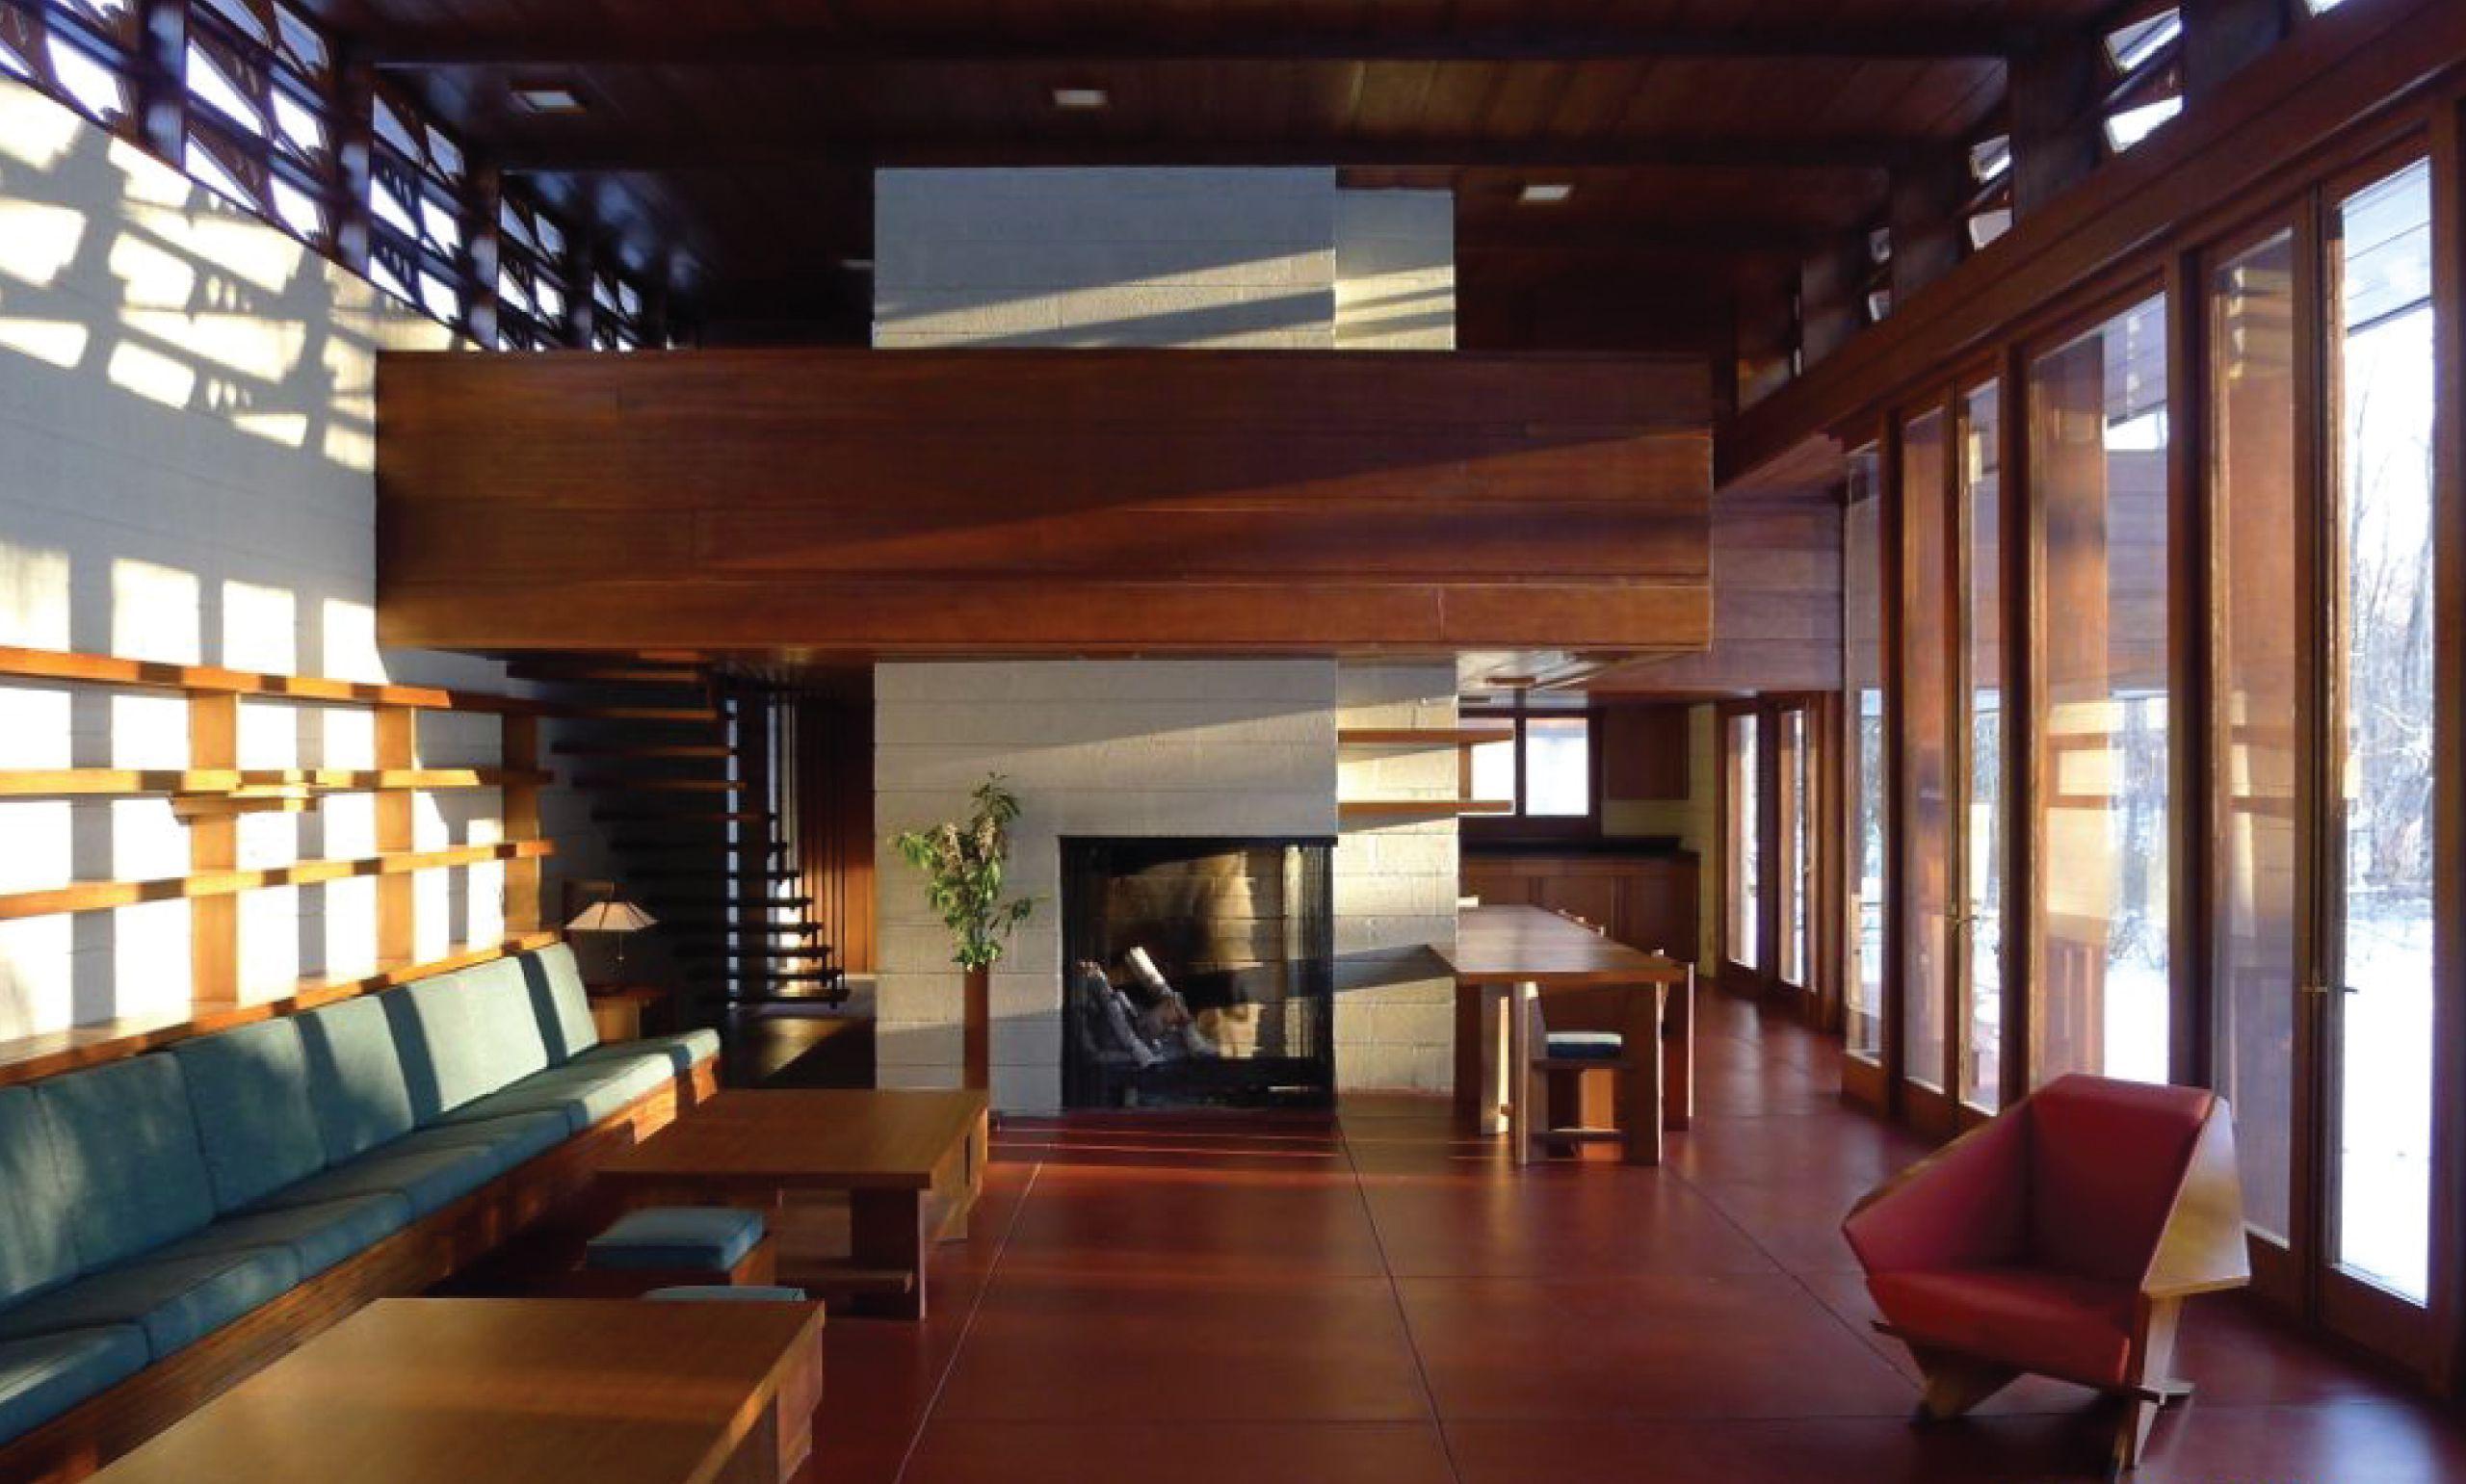 Frank lloyd wright bachman wilson house 1954 for Frank lloyd wright interior designs